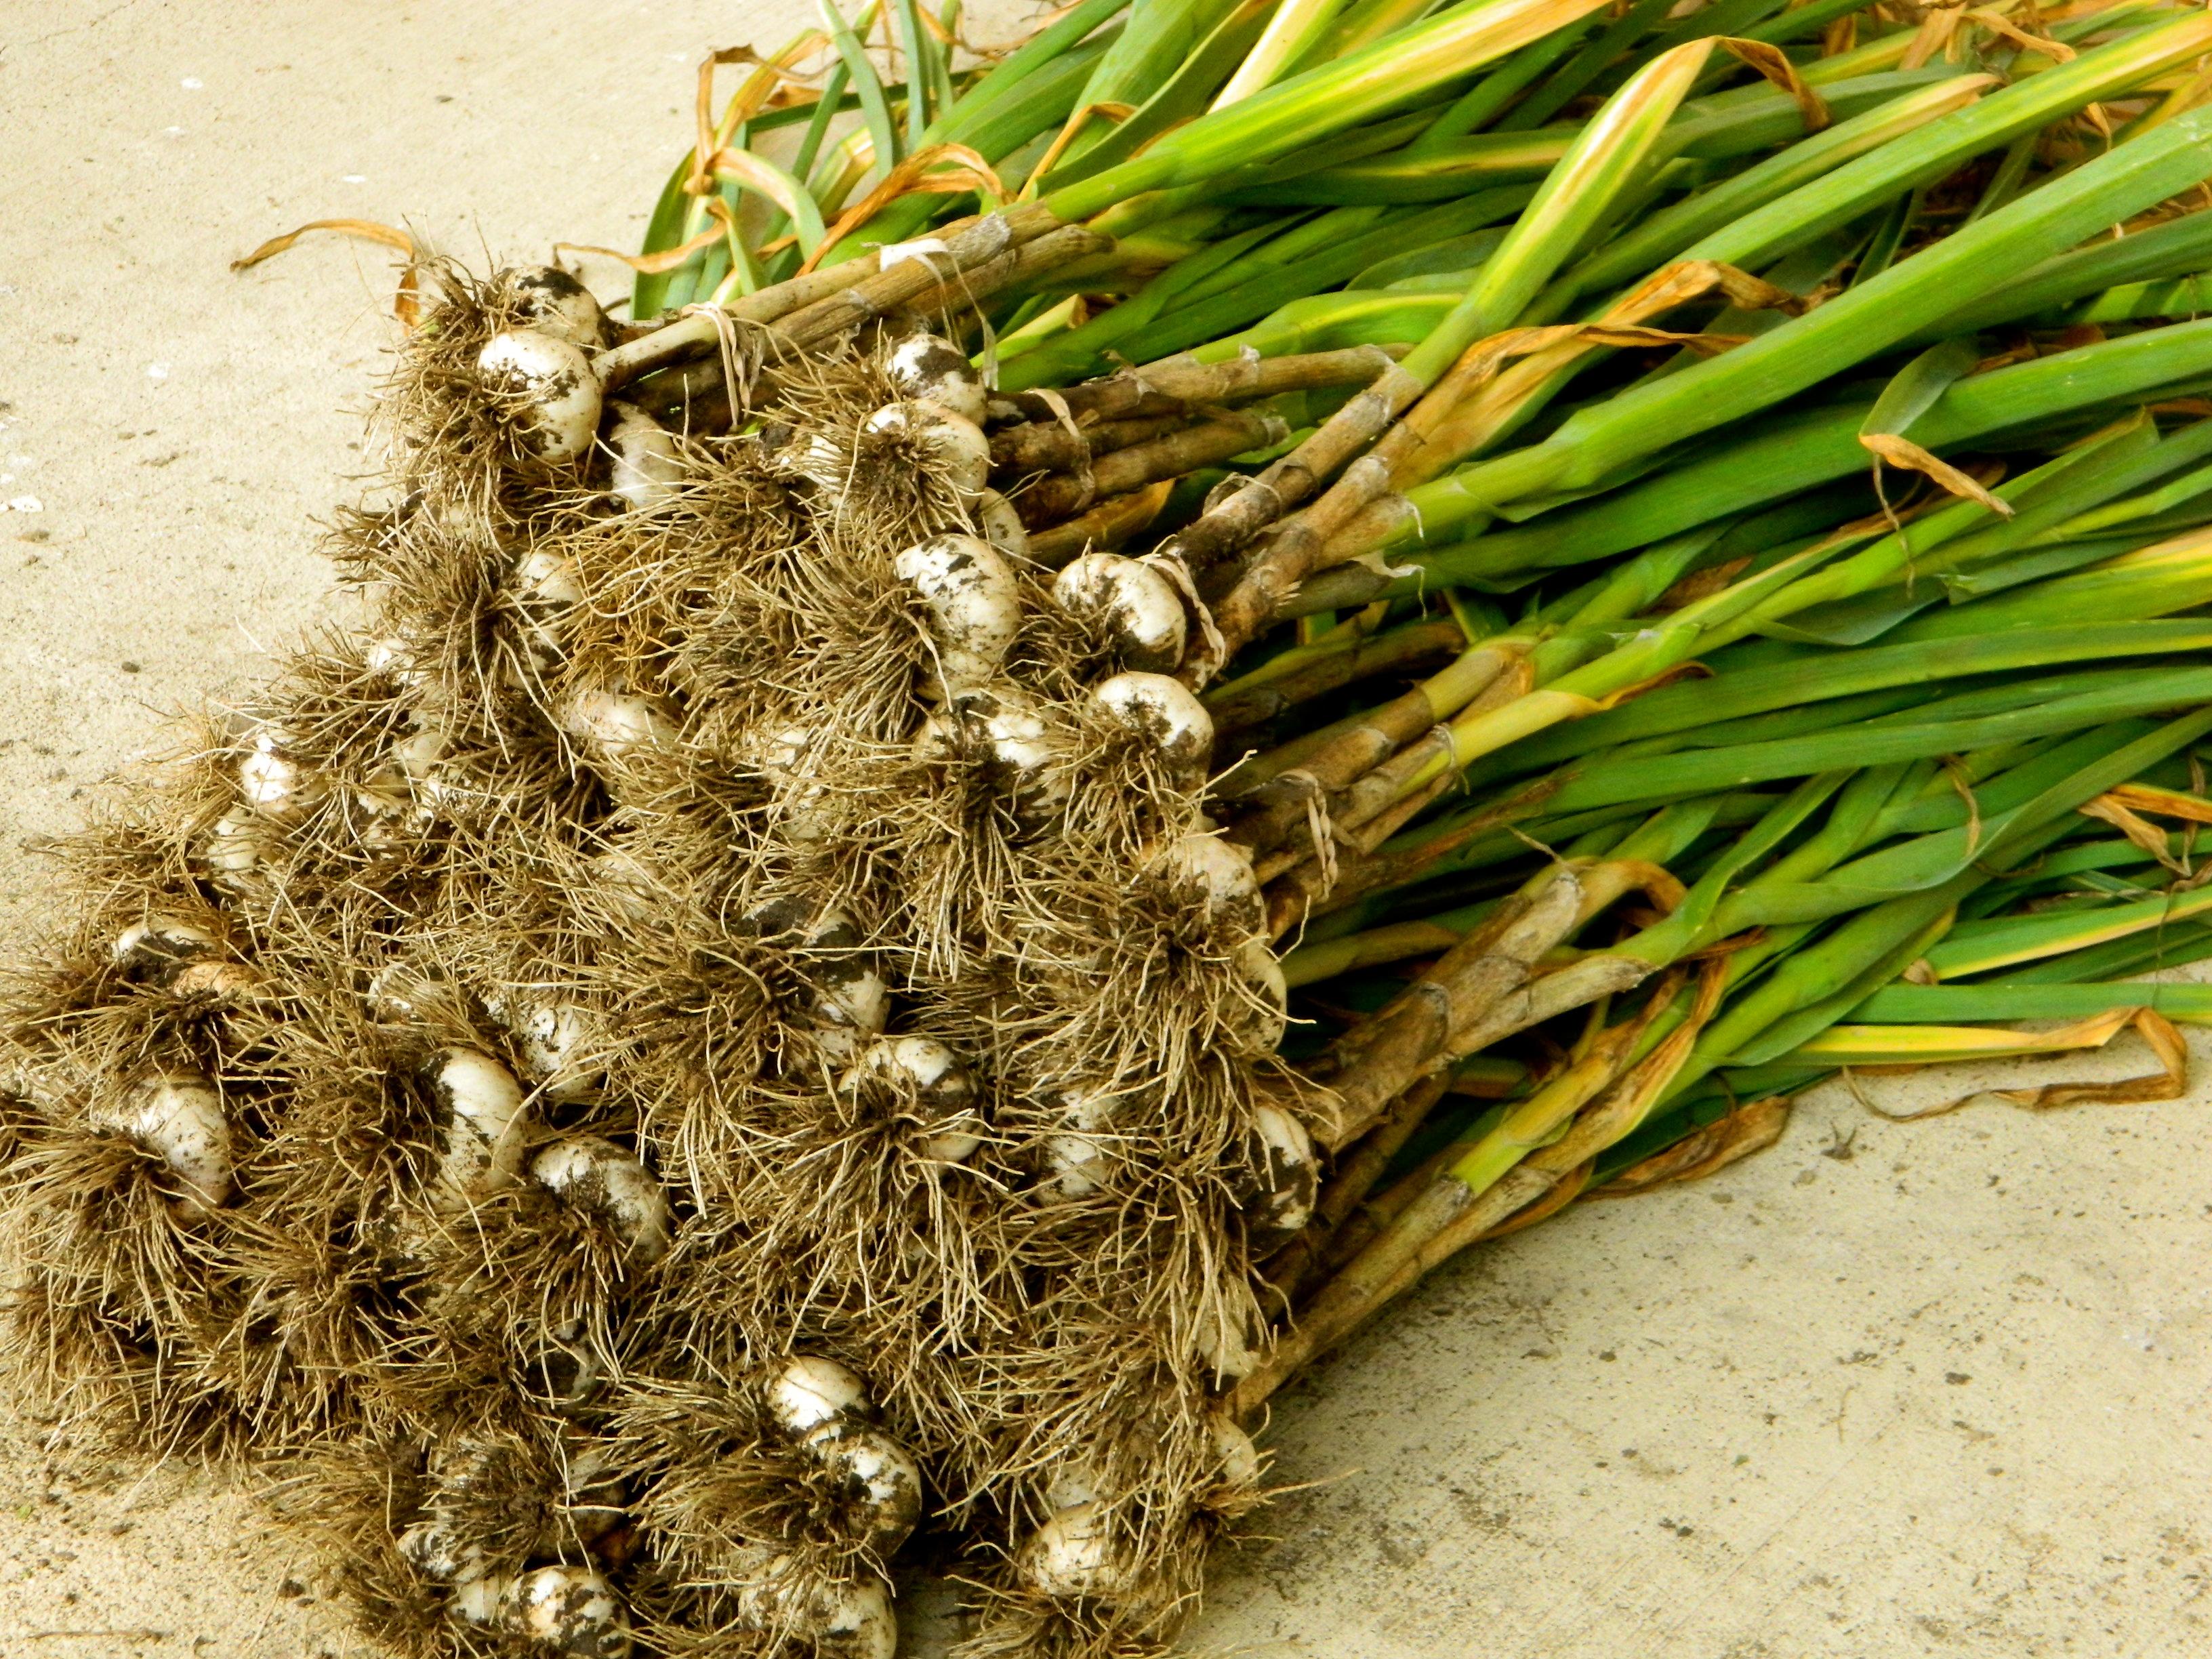 baby birds | The Running Garlic